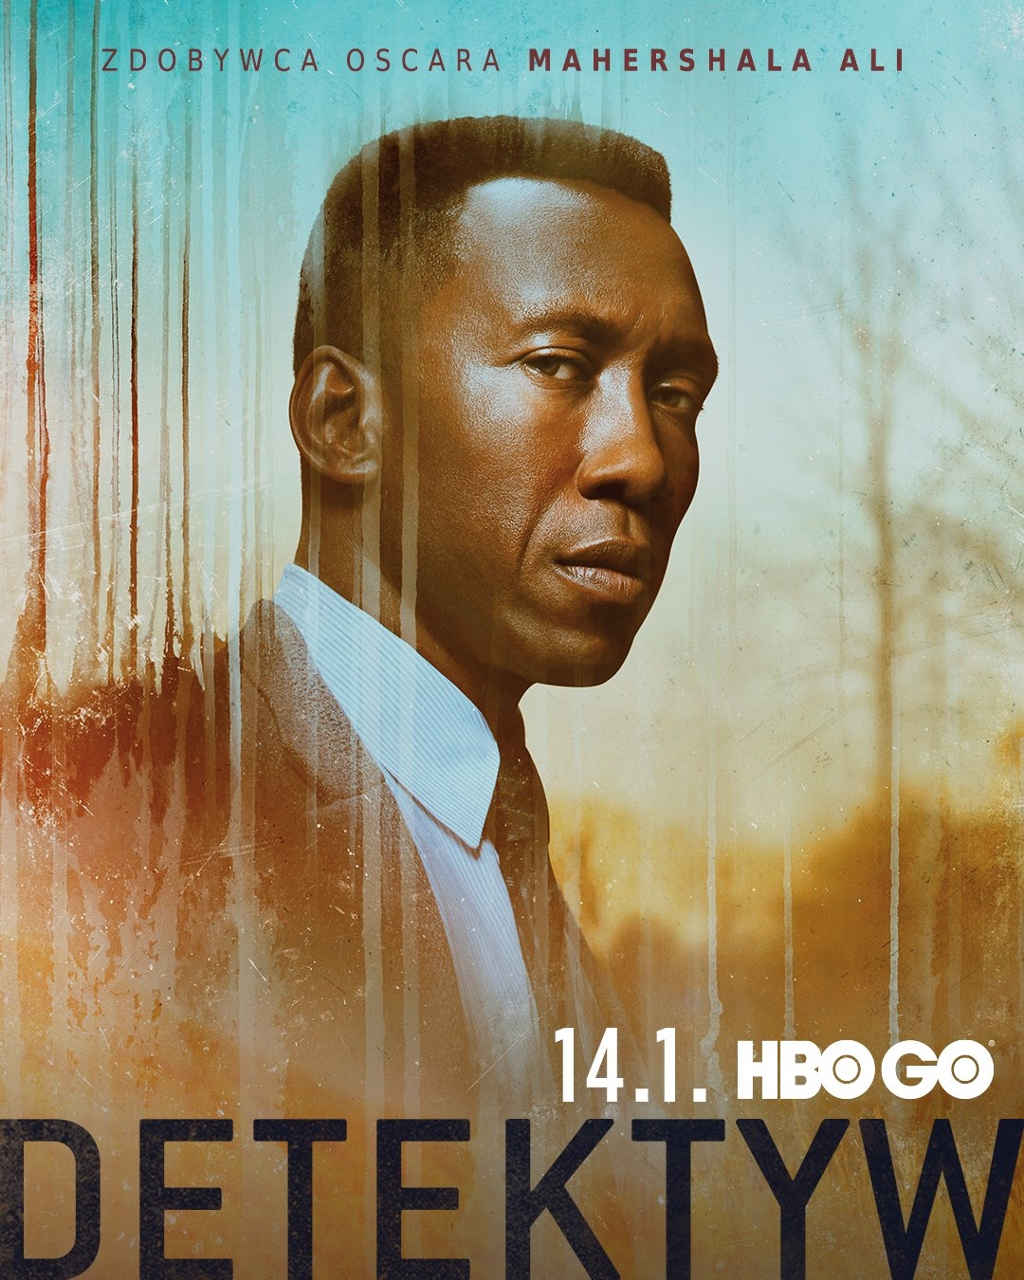 HBO GO Detektyw III plakat